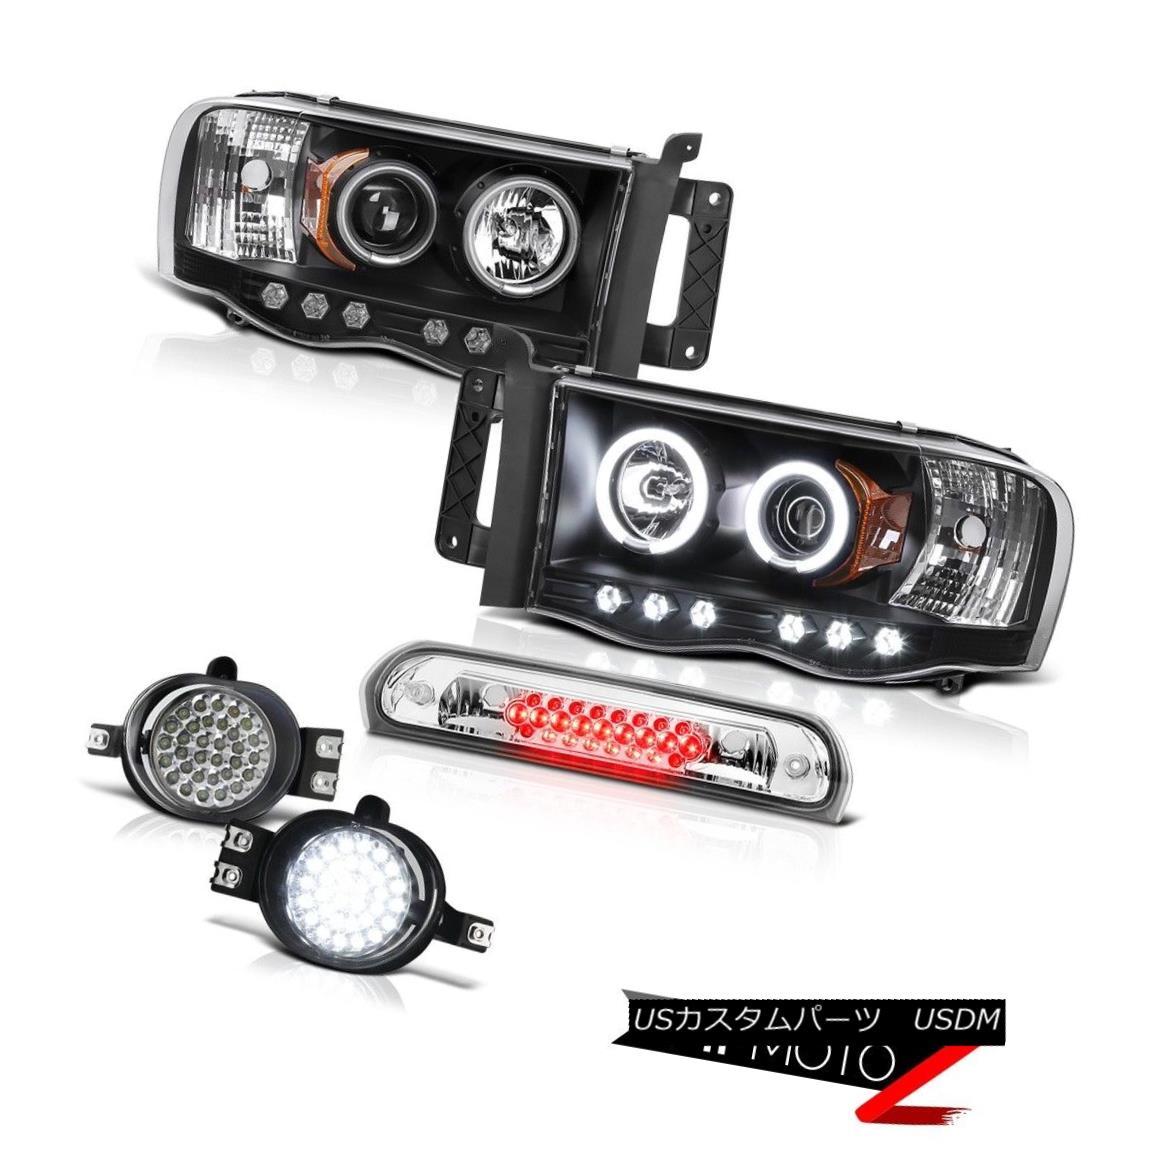 ヘッドライト {CCFL} Angel Eye Headlights LED Bumper Fog Roof Brake Cargo 02 03 04 05 Ram 2500 {CCFL}エンジェルアイヘッドライトLEDバンパーフォグ屋根ブレーキカーゴ02 03 04 05 Ram 2500